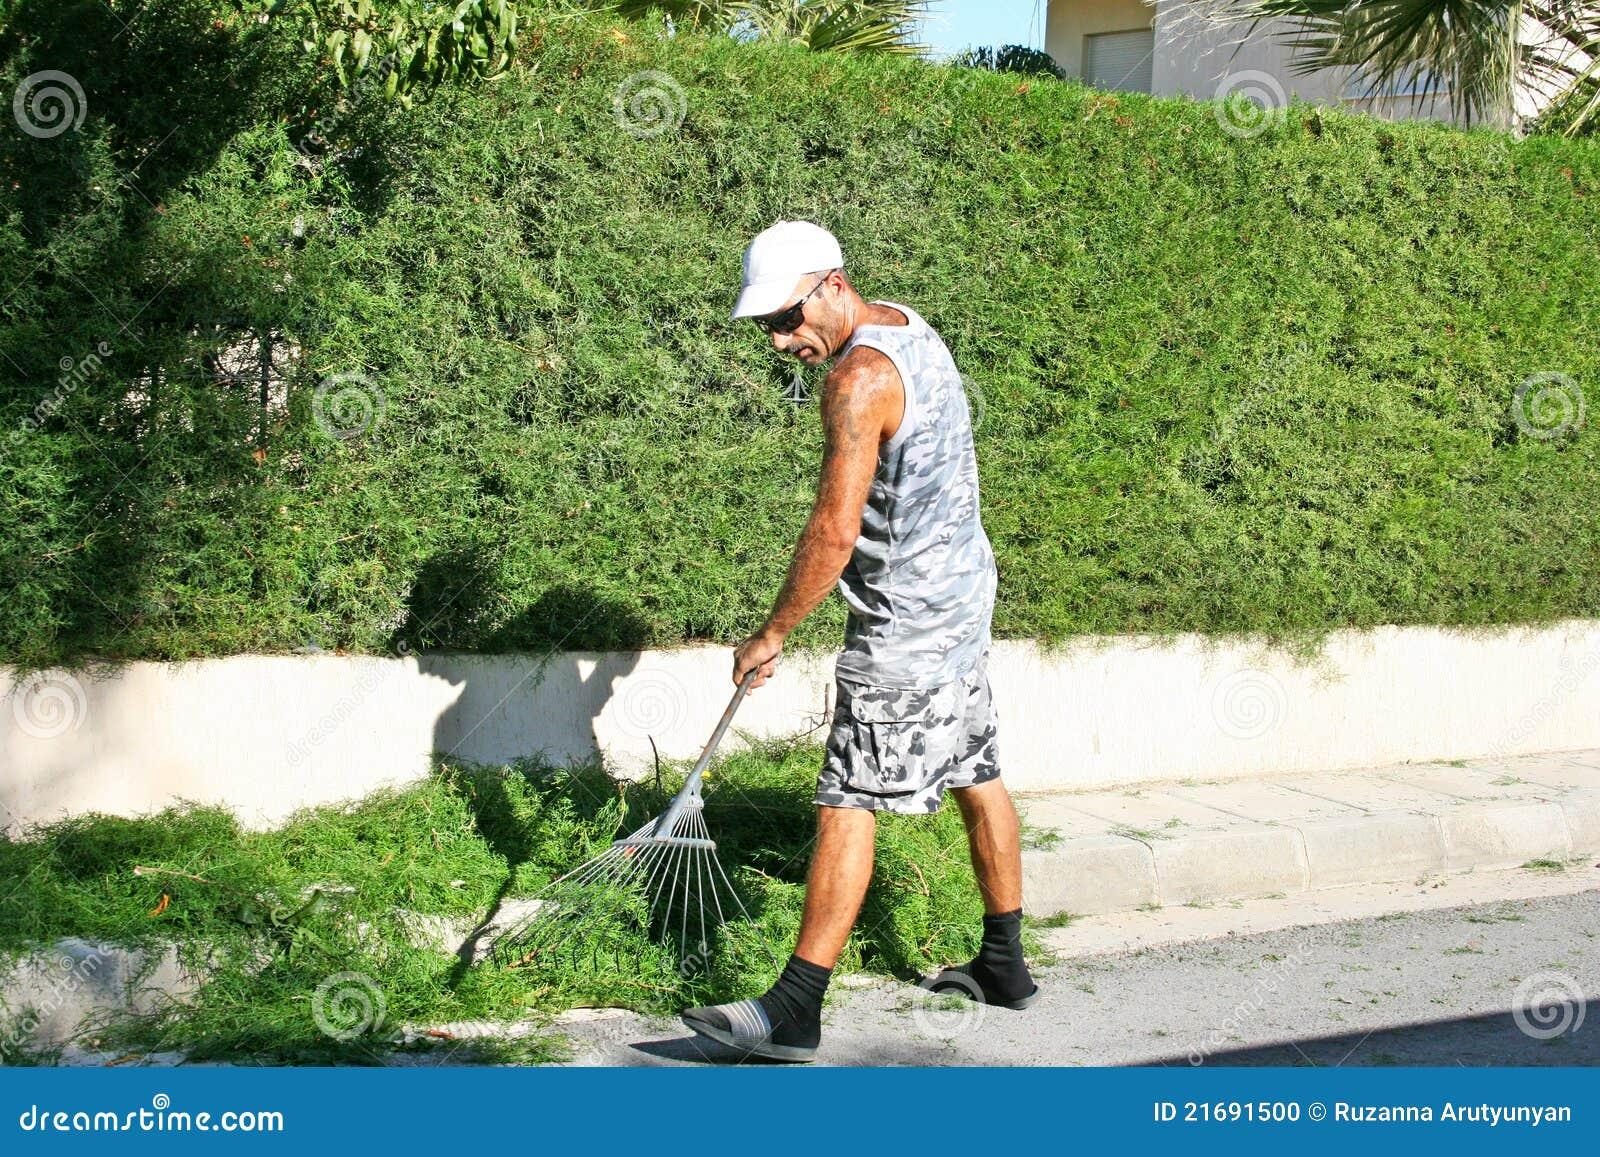 С садовником на лужайке 18 фотография